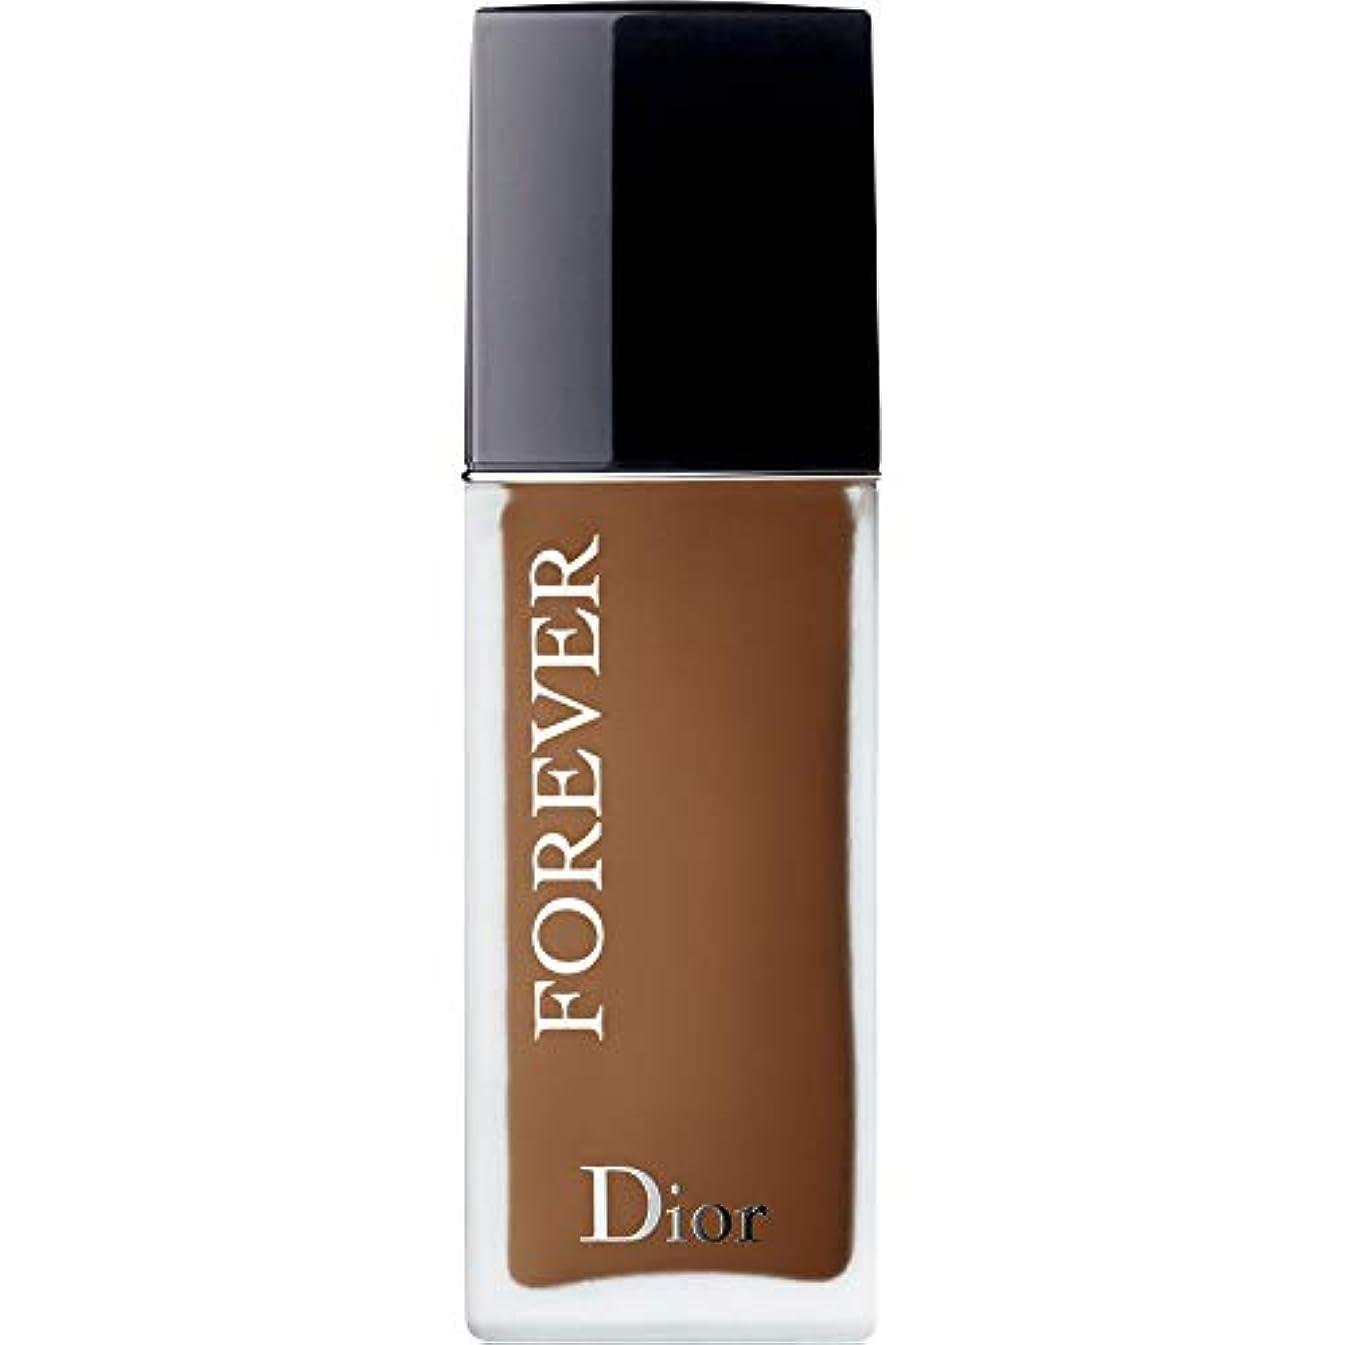 強化手足テセウス[Dior ] ディオール永遠皮膚思いやりの基盤Spf35 30ミリリットルの7.5N - ニュートラル(つや消し) - DIOR Forever Skin-Caring Foundation SPF35 30ml 7.5N...